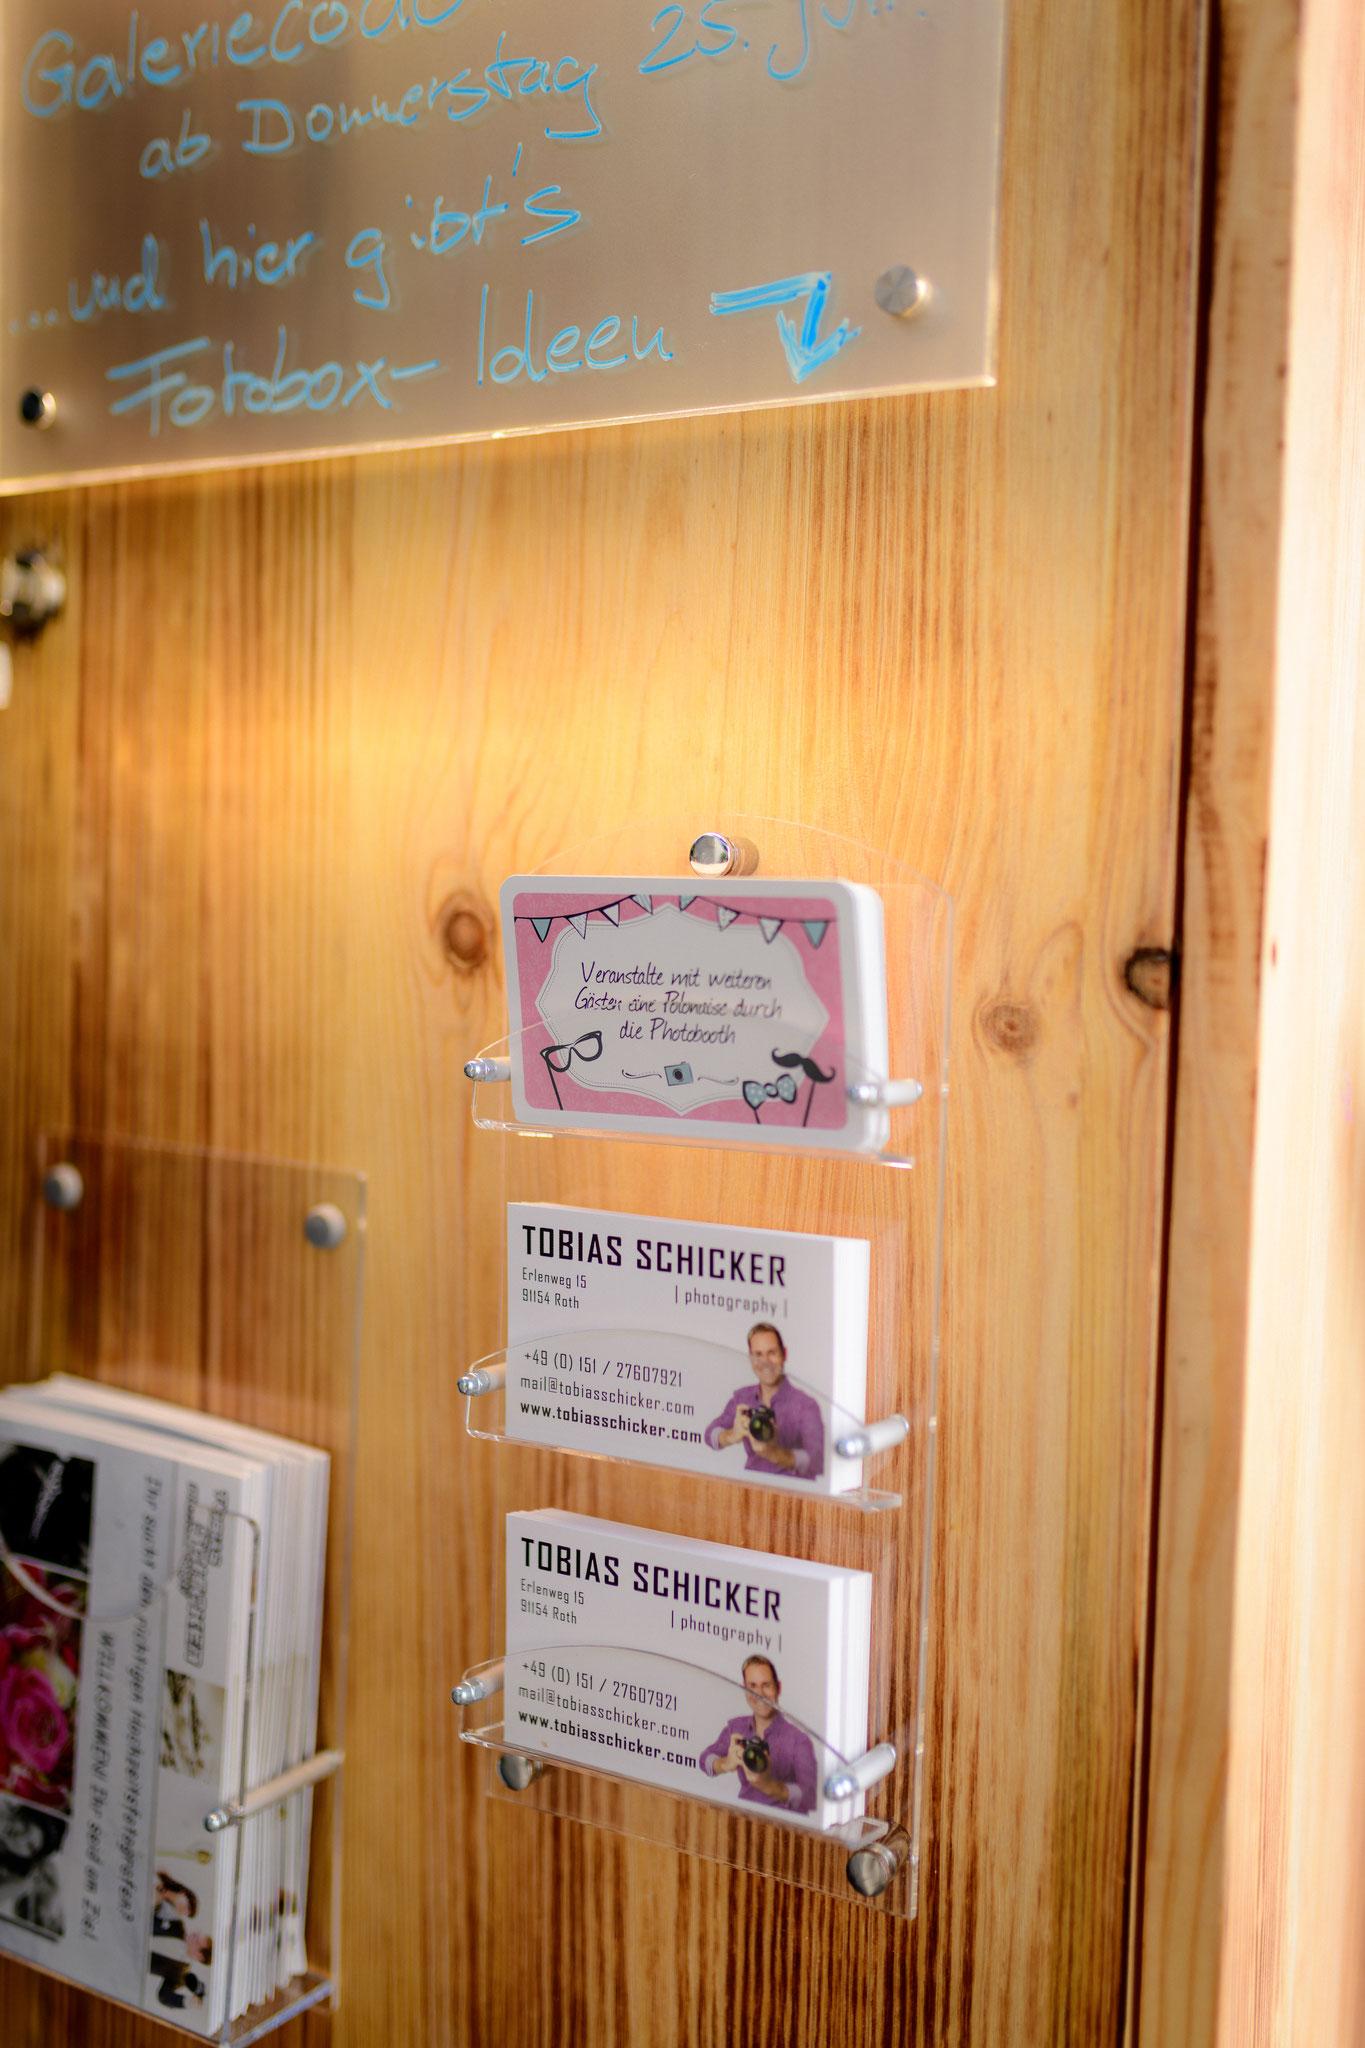 Galeriecode auf der Rückseite, um alle Gäste gleich zu informieren